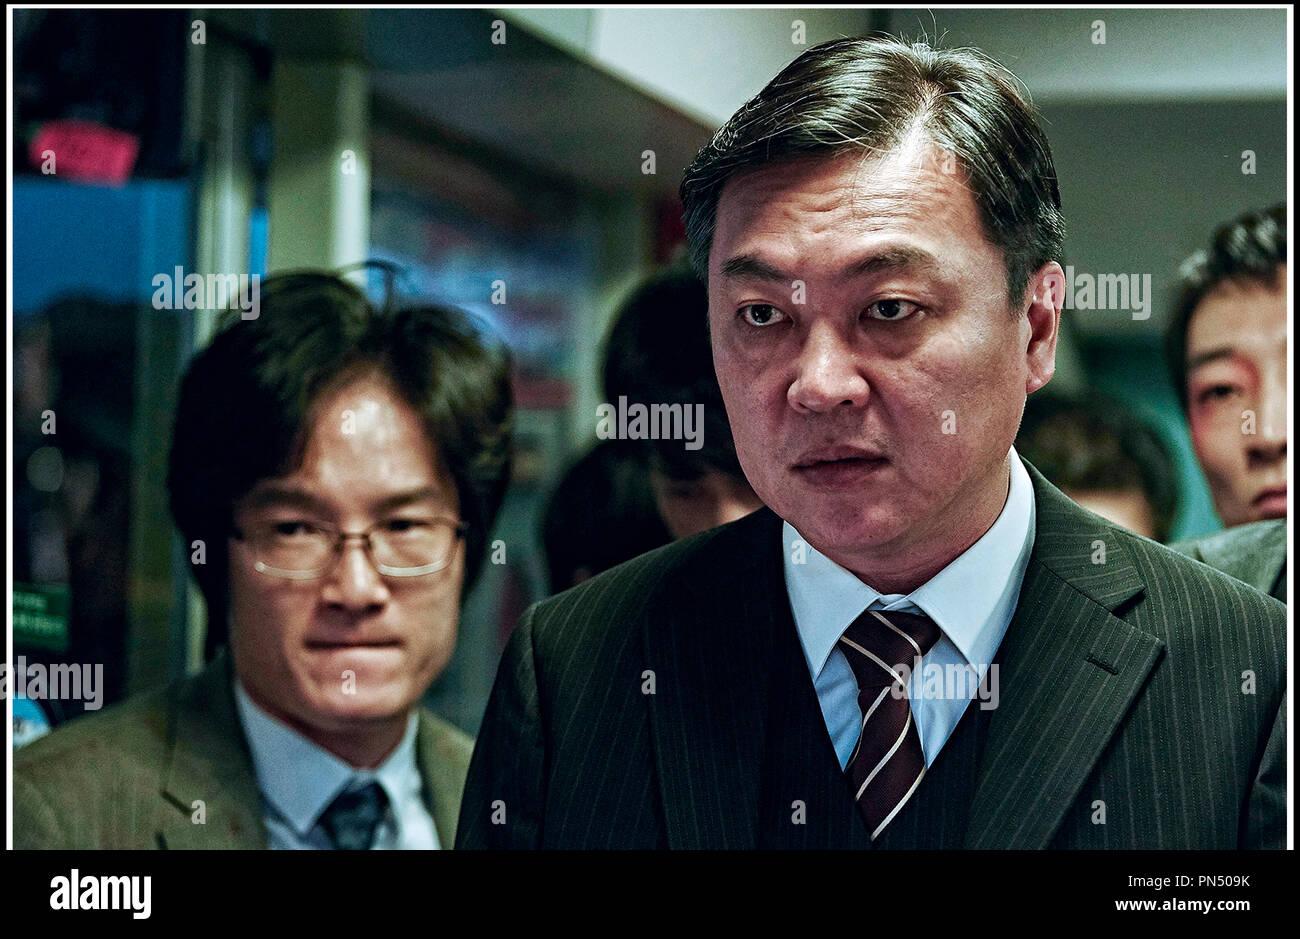 Kim Eui Sung Stock Photos & Kim Eui Sung Stock Images - Alamy